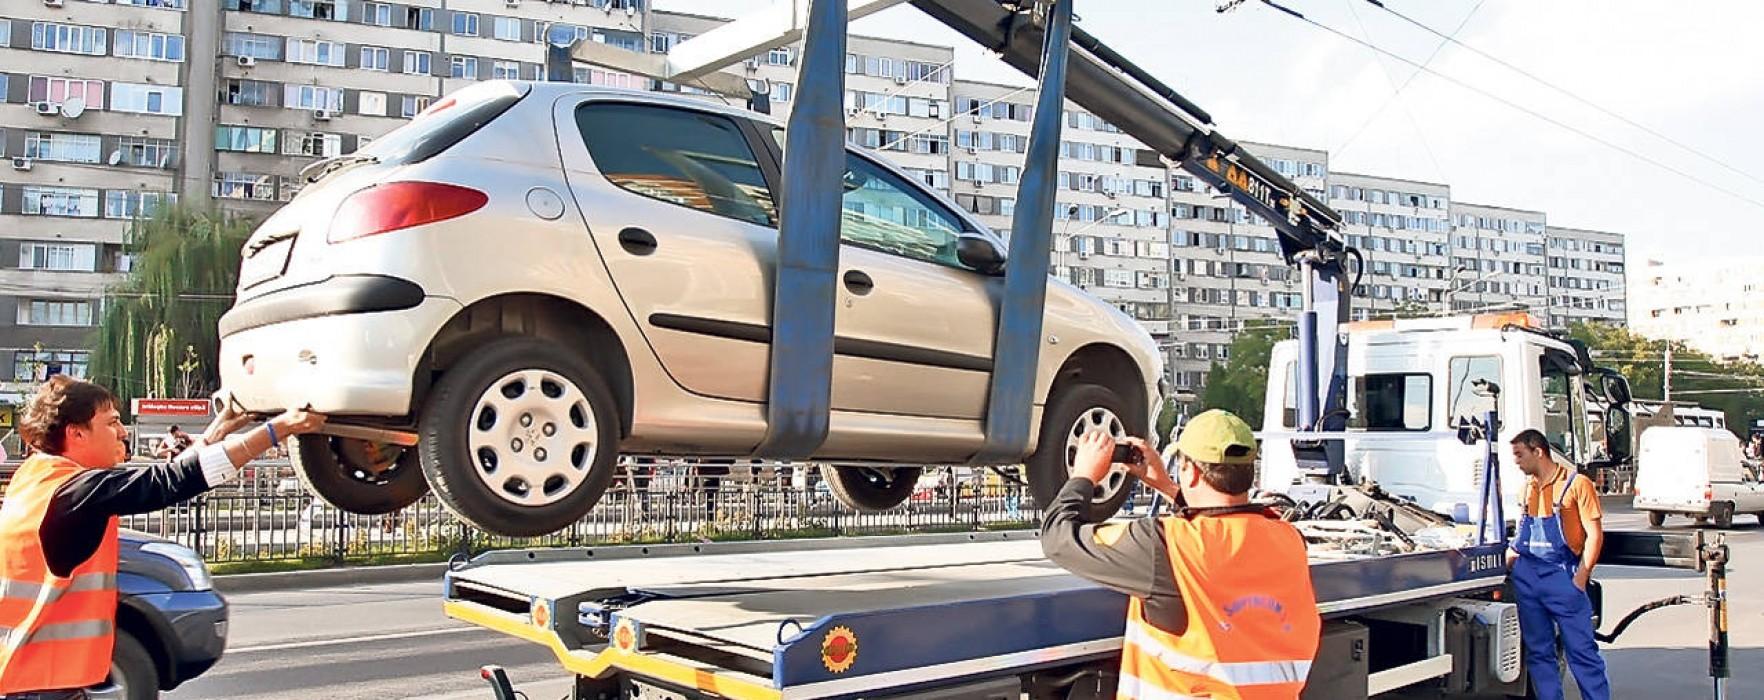 ÎCCJ: Consiliile locale nu au competența să reglementeze procedura de ridicare a mașinilor